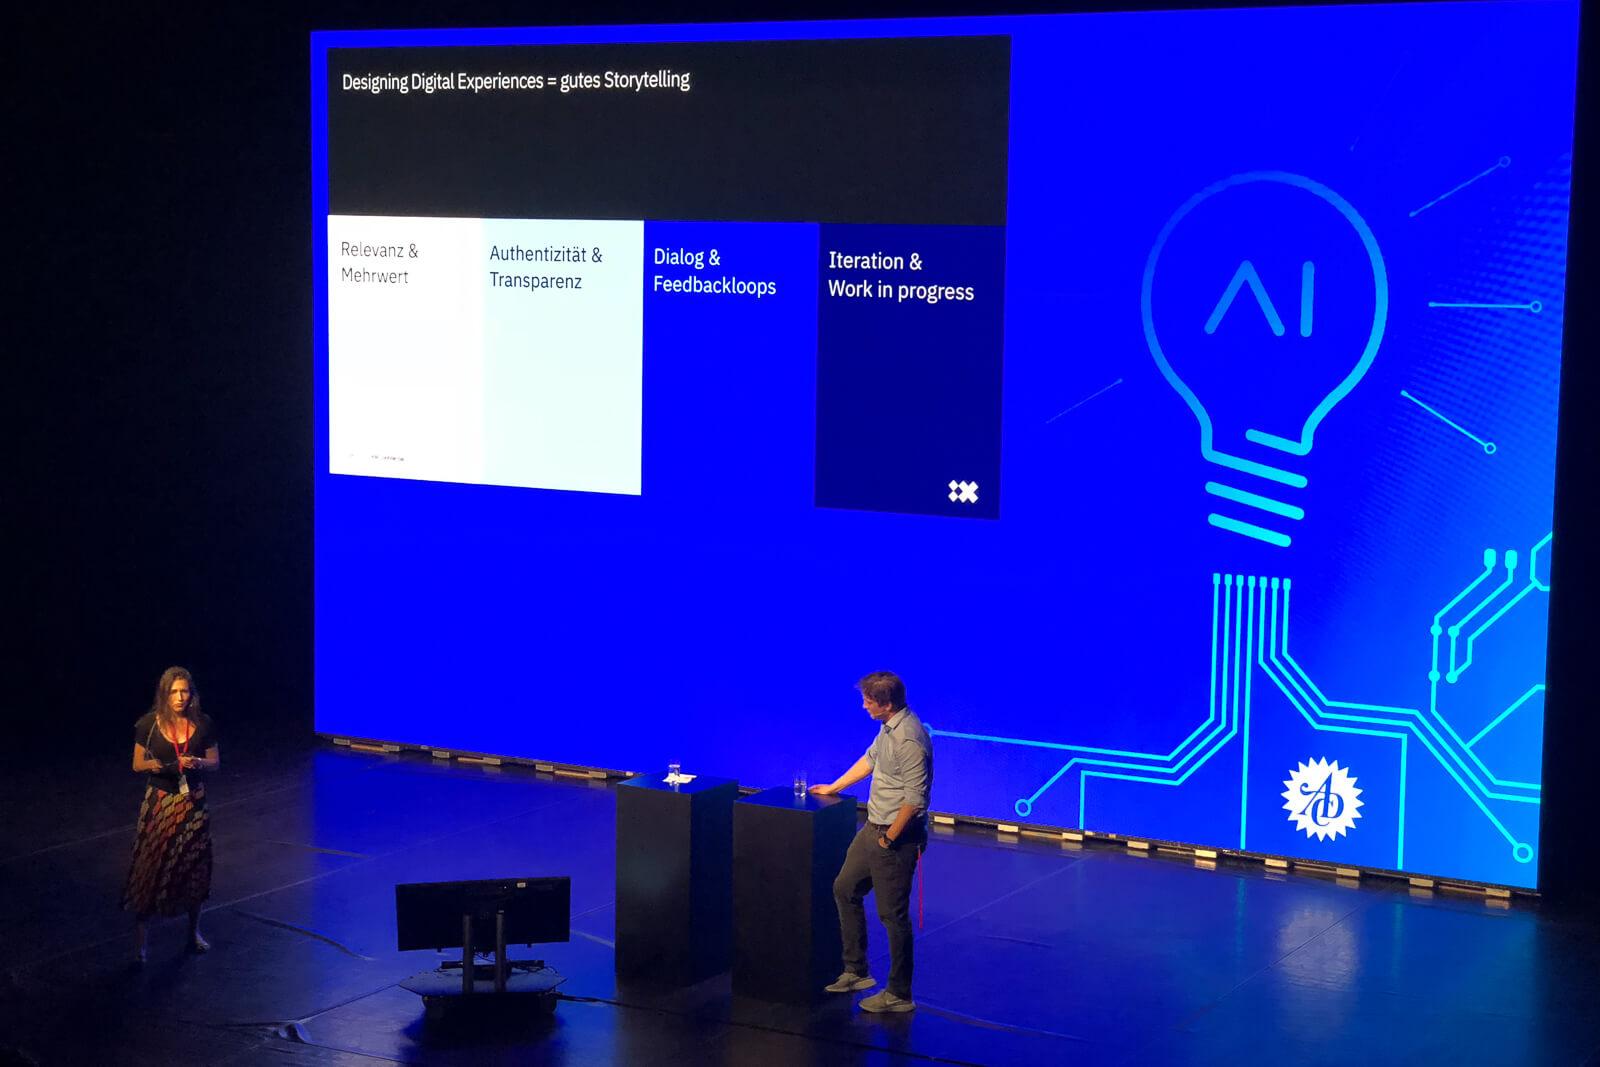 ADC Digital 2018 - Design a better world